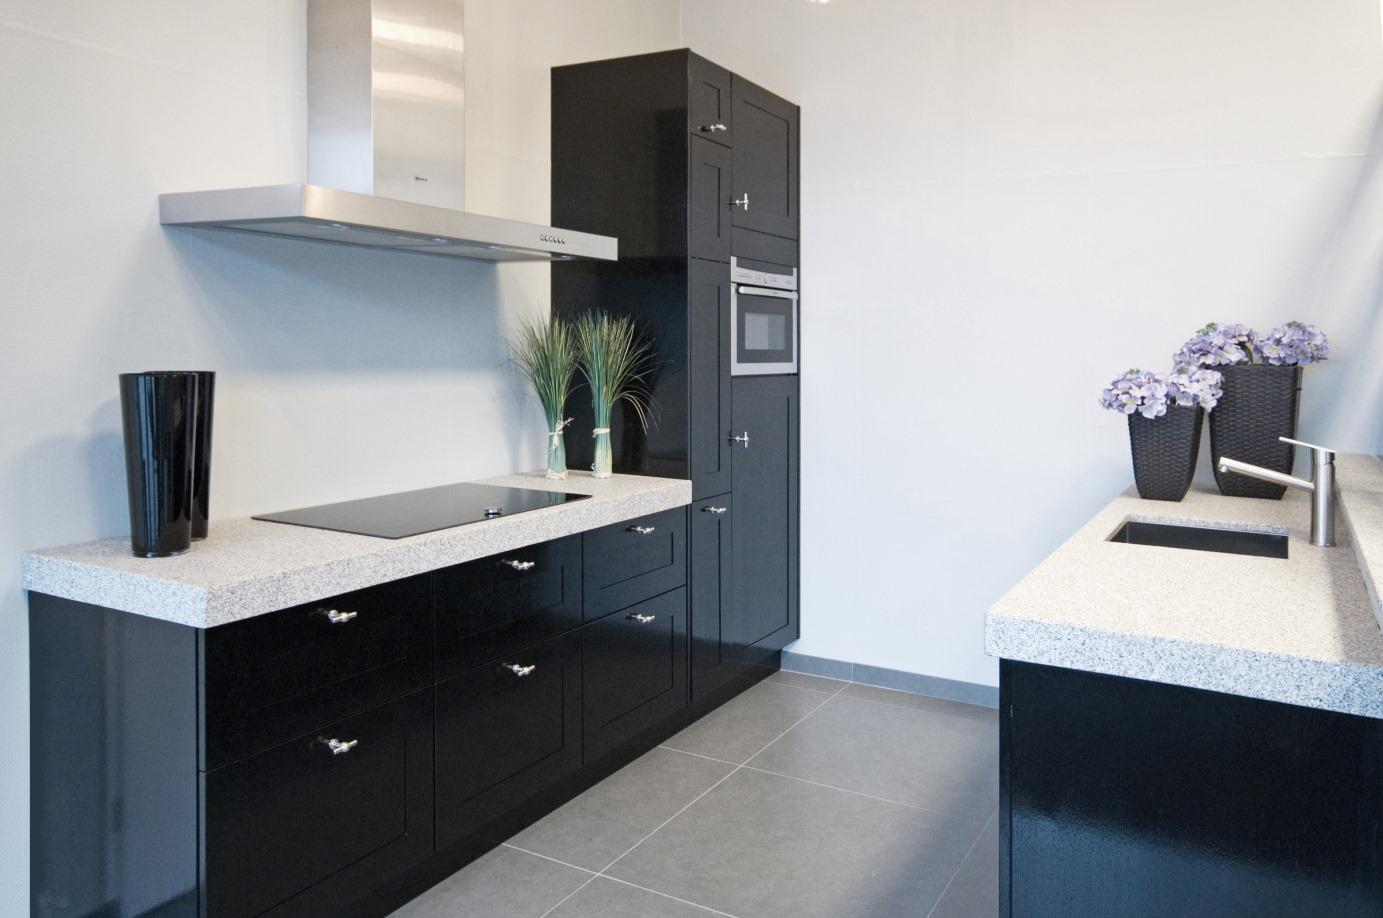 Mat Zwarte Keuken : Zwarte keuken landelijk modern of hout ook met wit keur